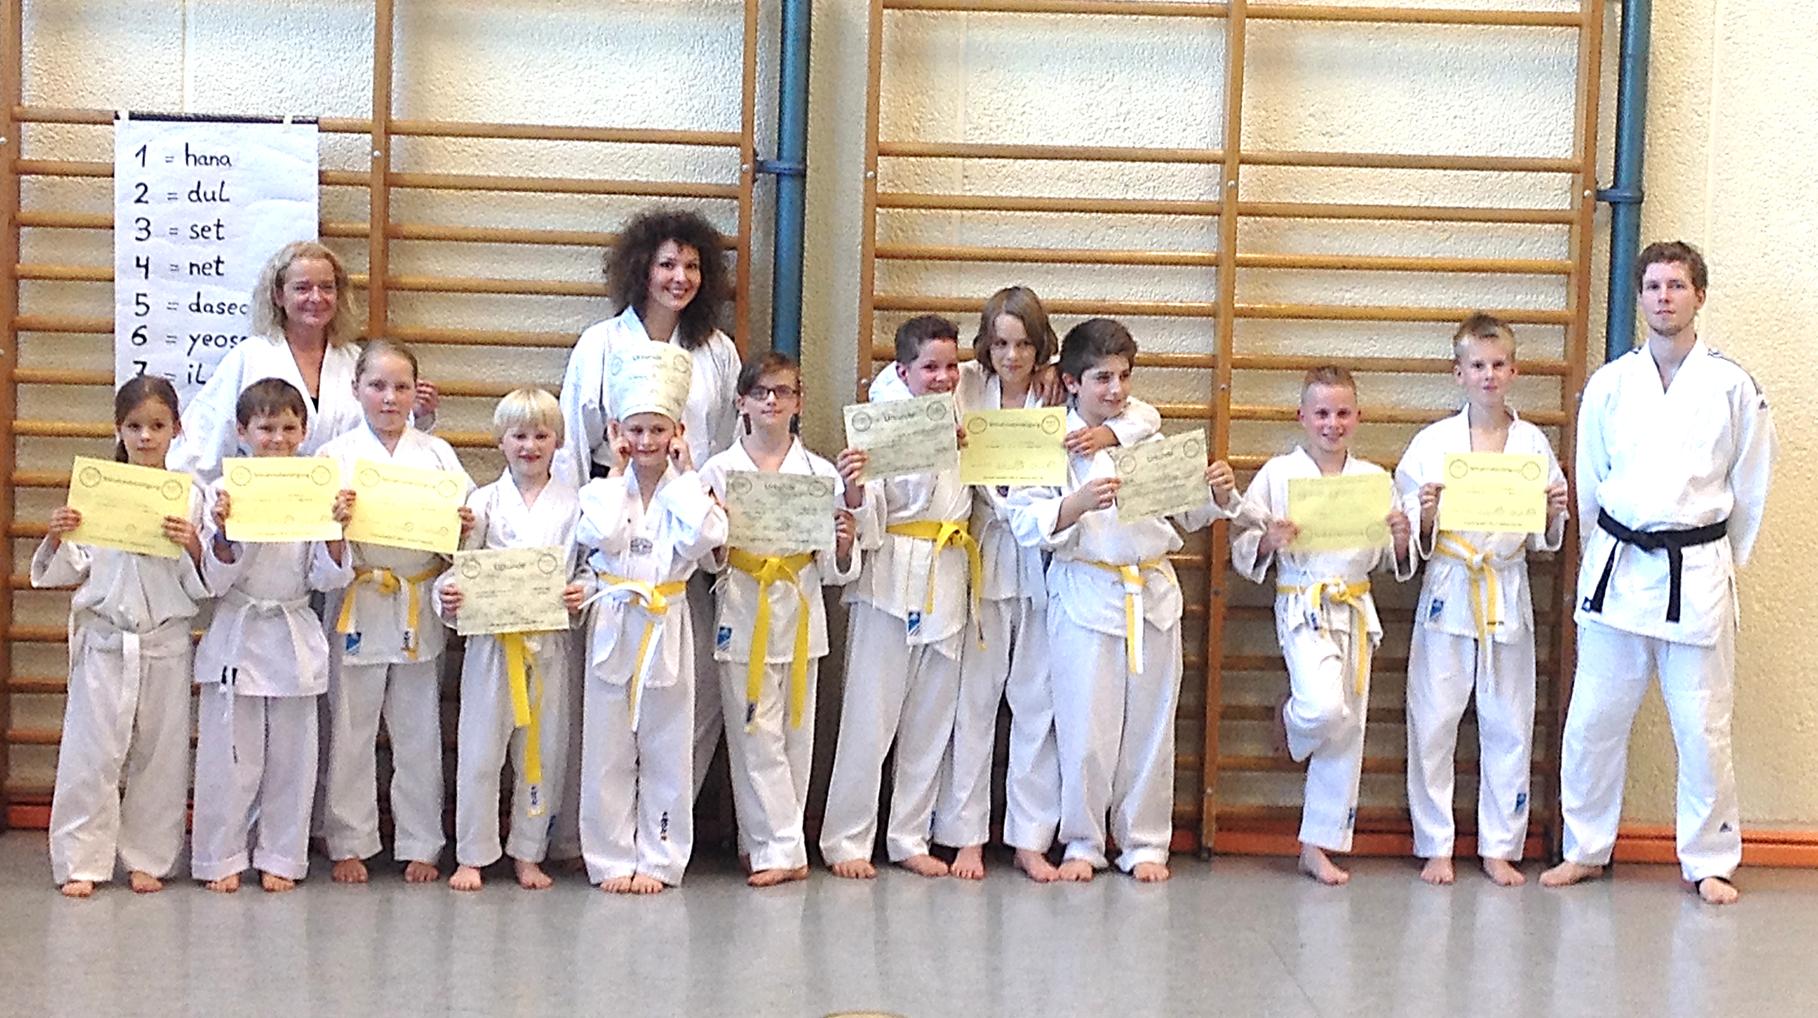 Das Bild zeigt unsere Taekwondo-Gruppe um Andrea und Leonie bei der Prüfung